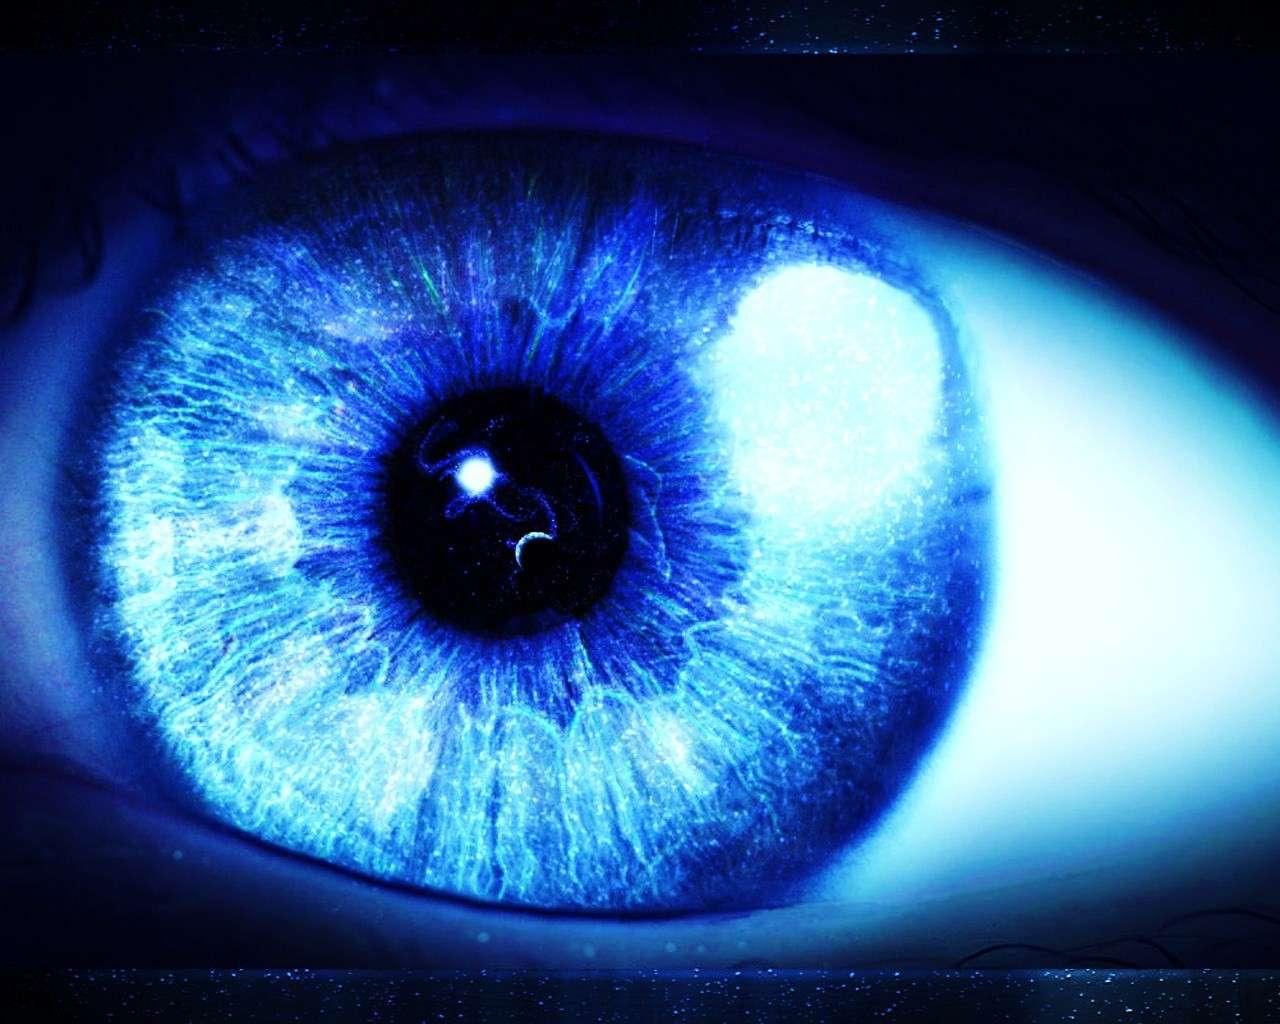 La maladie de Stargardt est une dystrophie maculaire d'origine génétique, conduisant progressivement à une forte baisse de l'acuité visuelle. © Senovan, deviantart.com, cc by 3.0